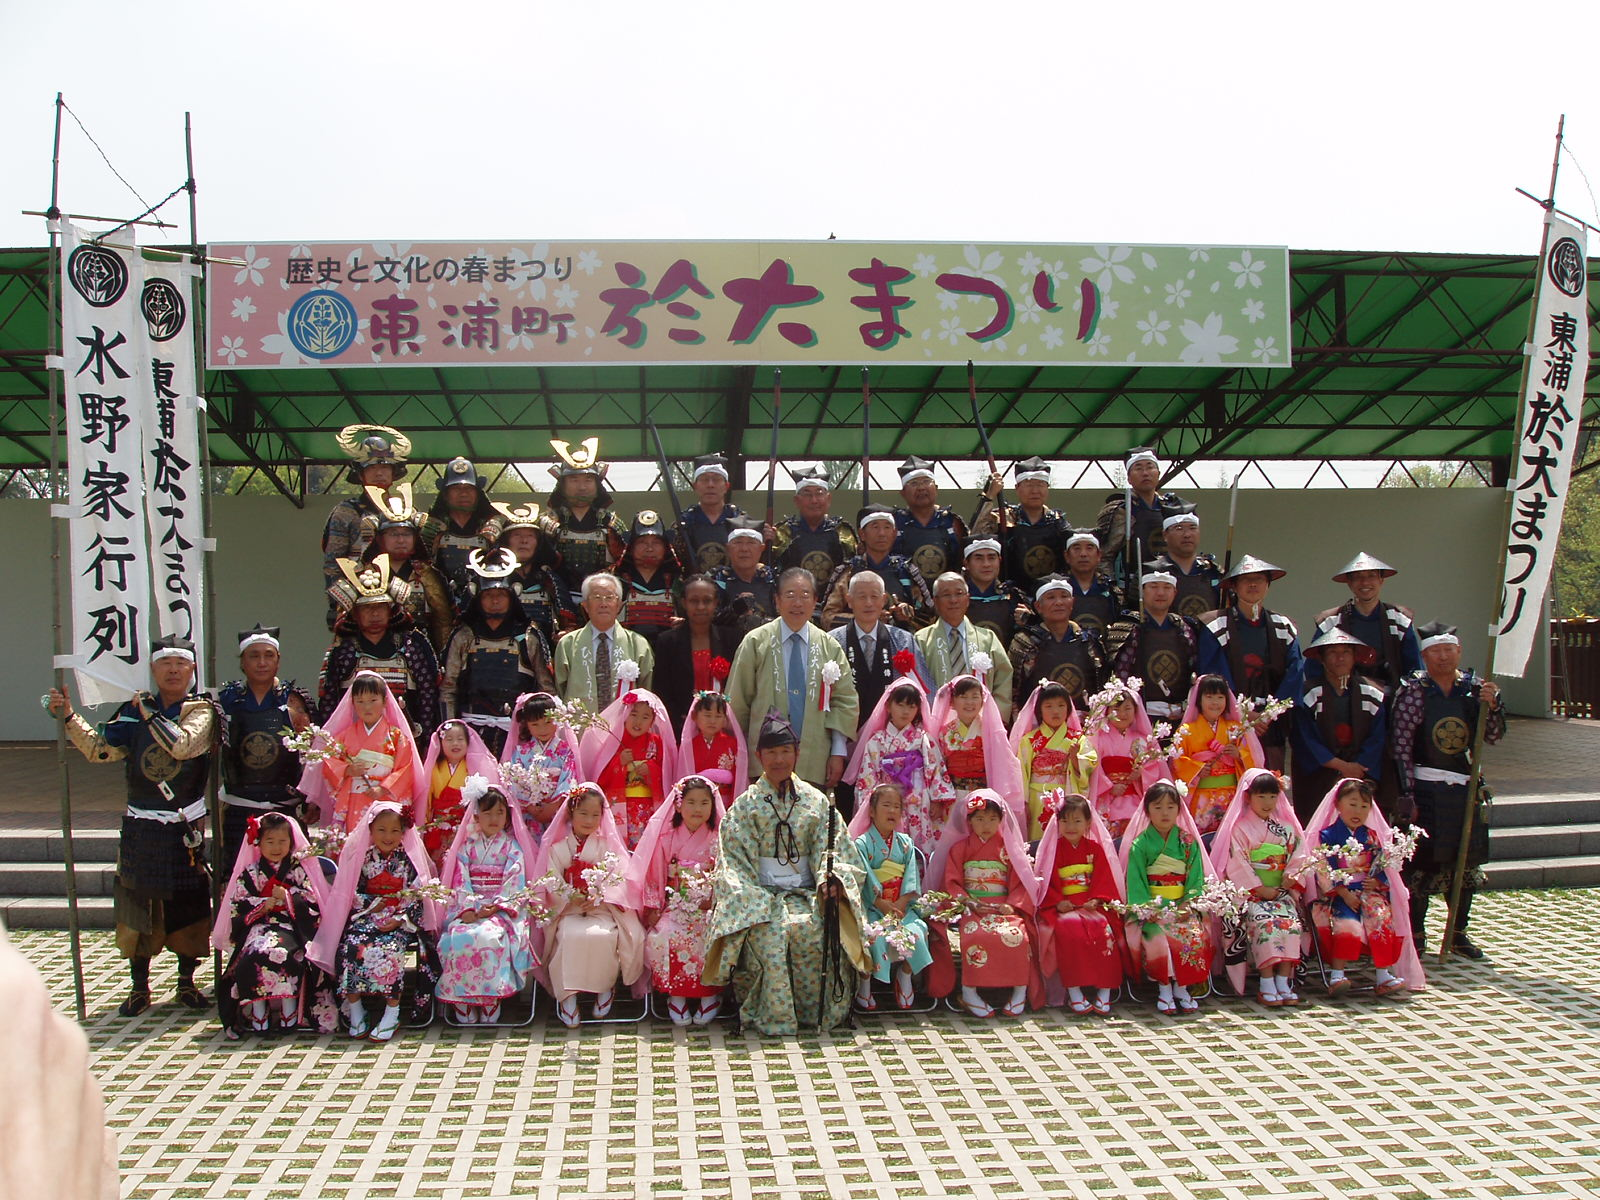 【Event】第19回東浦町 於大まつり_e0144936_12174773.jpg